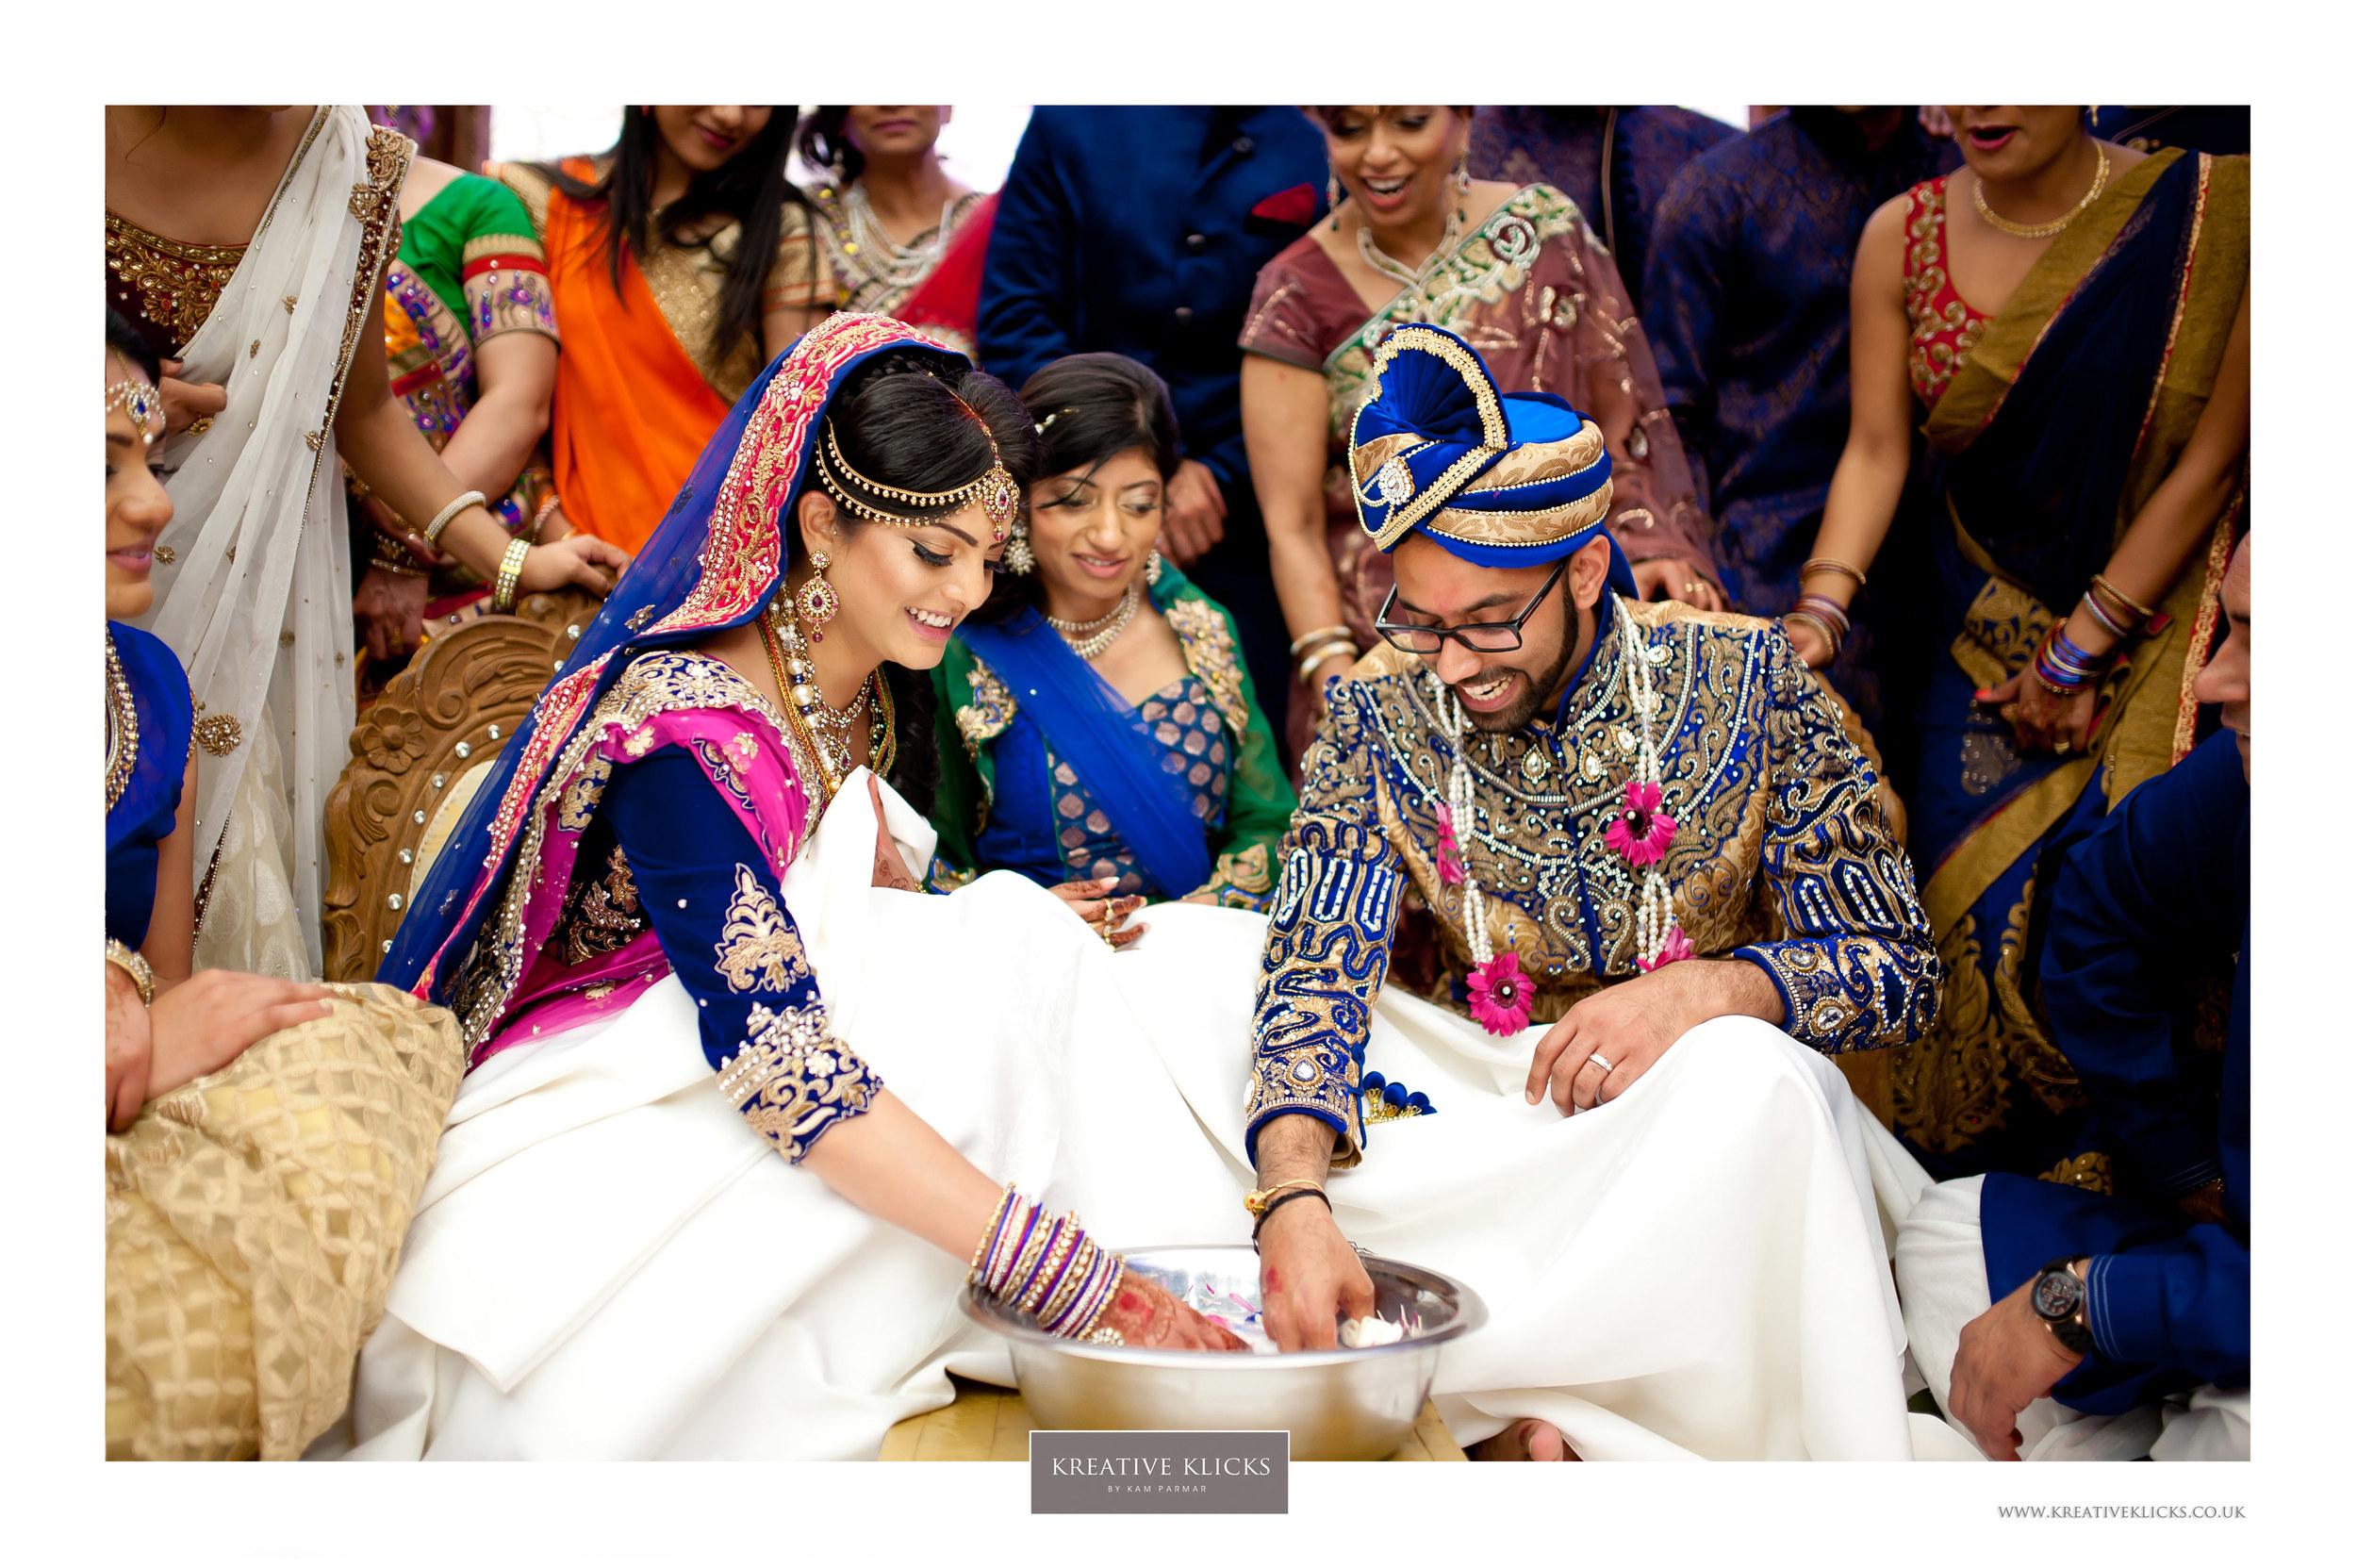 H&M_Hindu-1070 KK.jpg